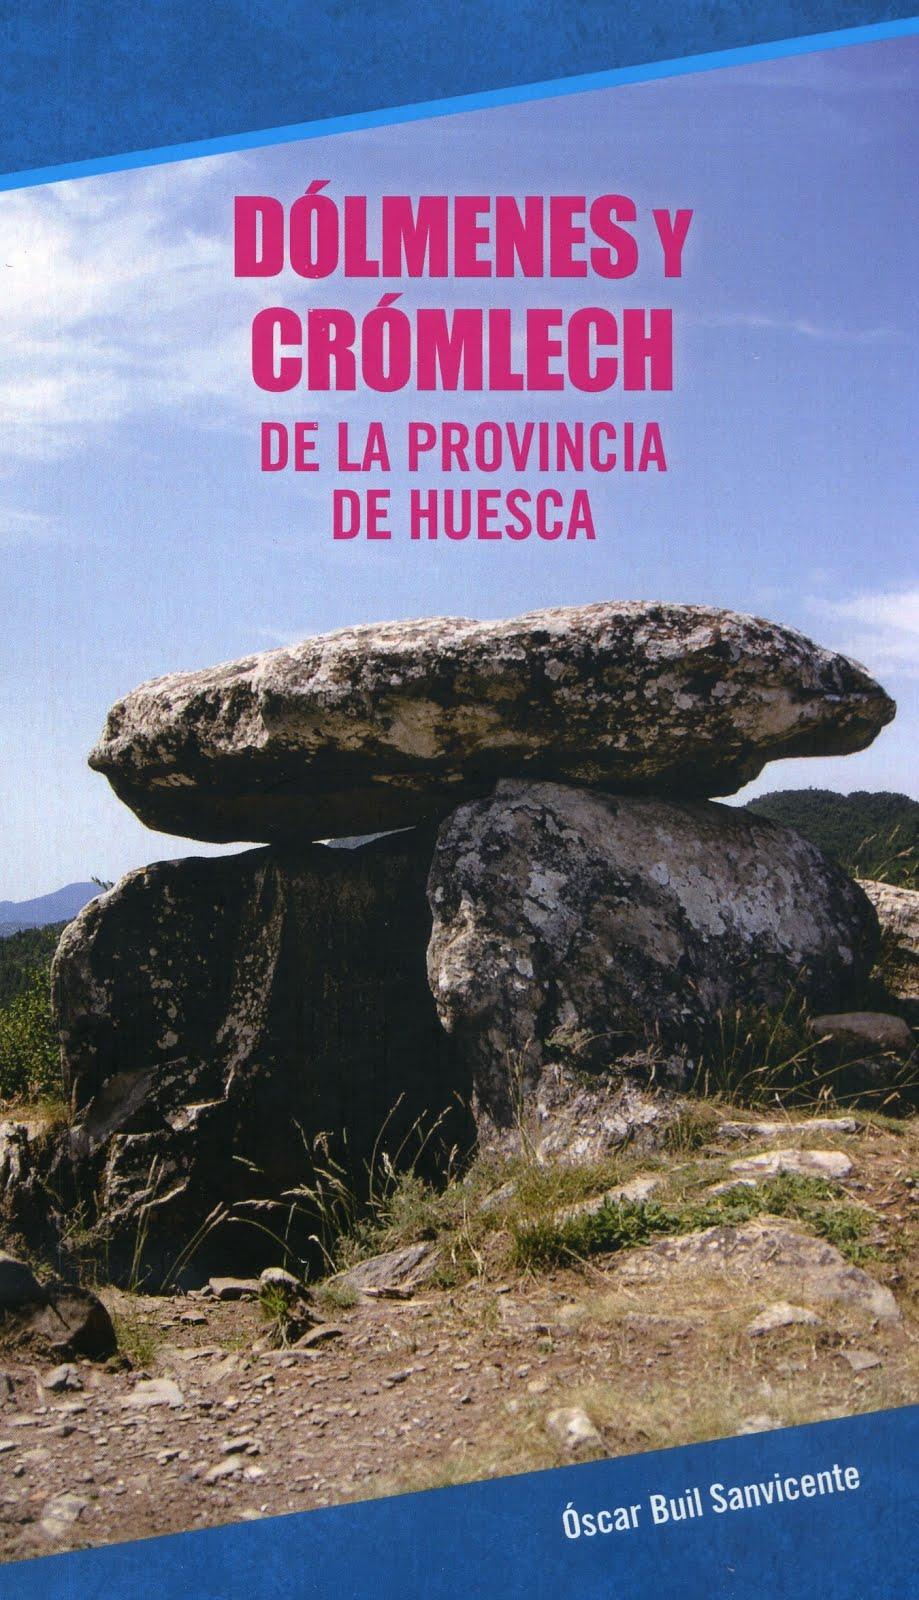 Dolmenes y crómlech de la provincia de Huesca